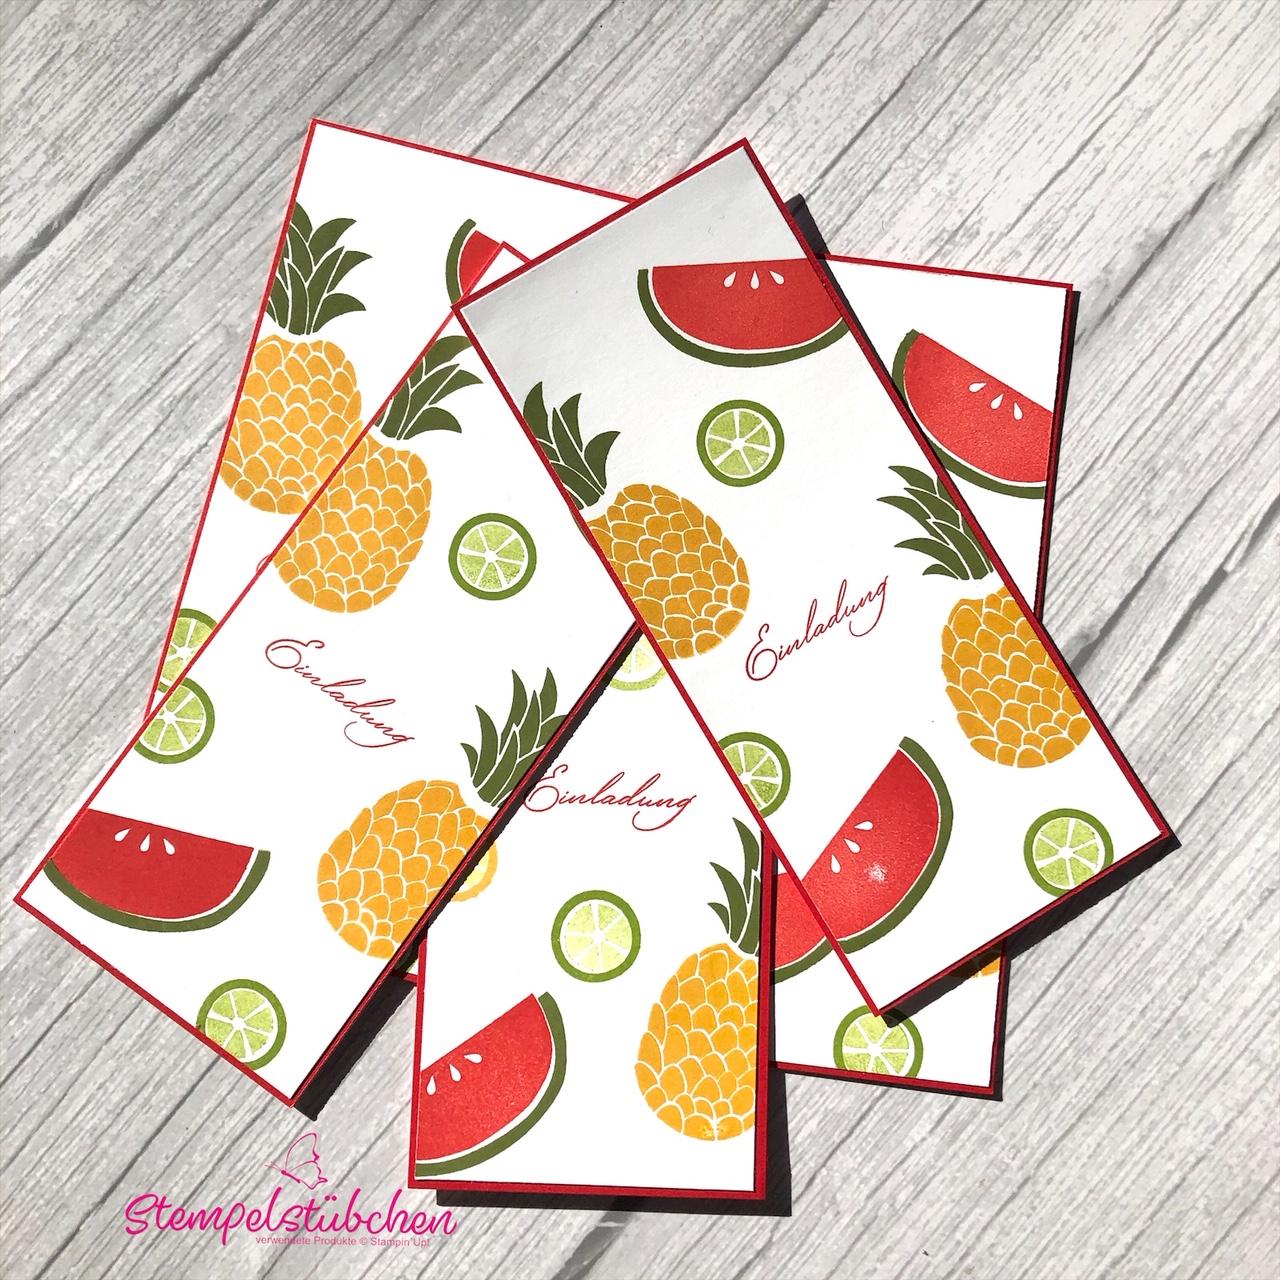 Stampin Up Einladung Karte Sommer Früchte Cuiet Fruit Rostock